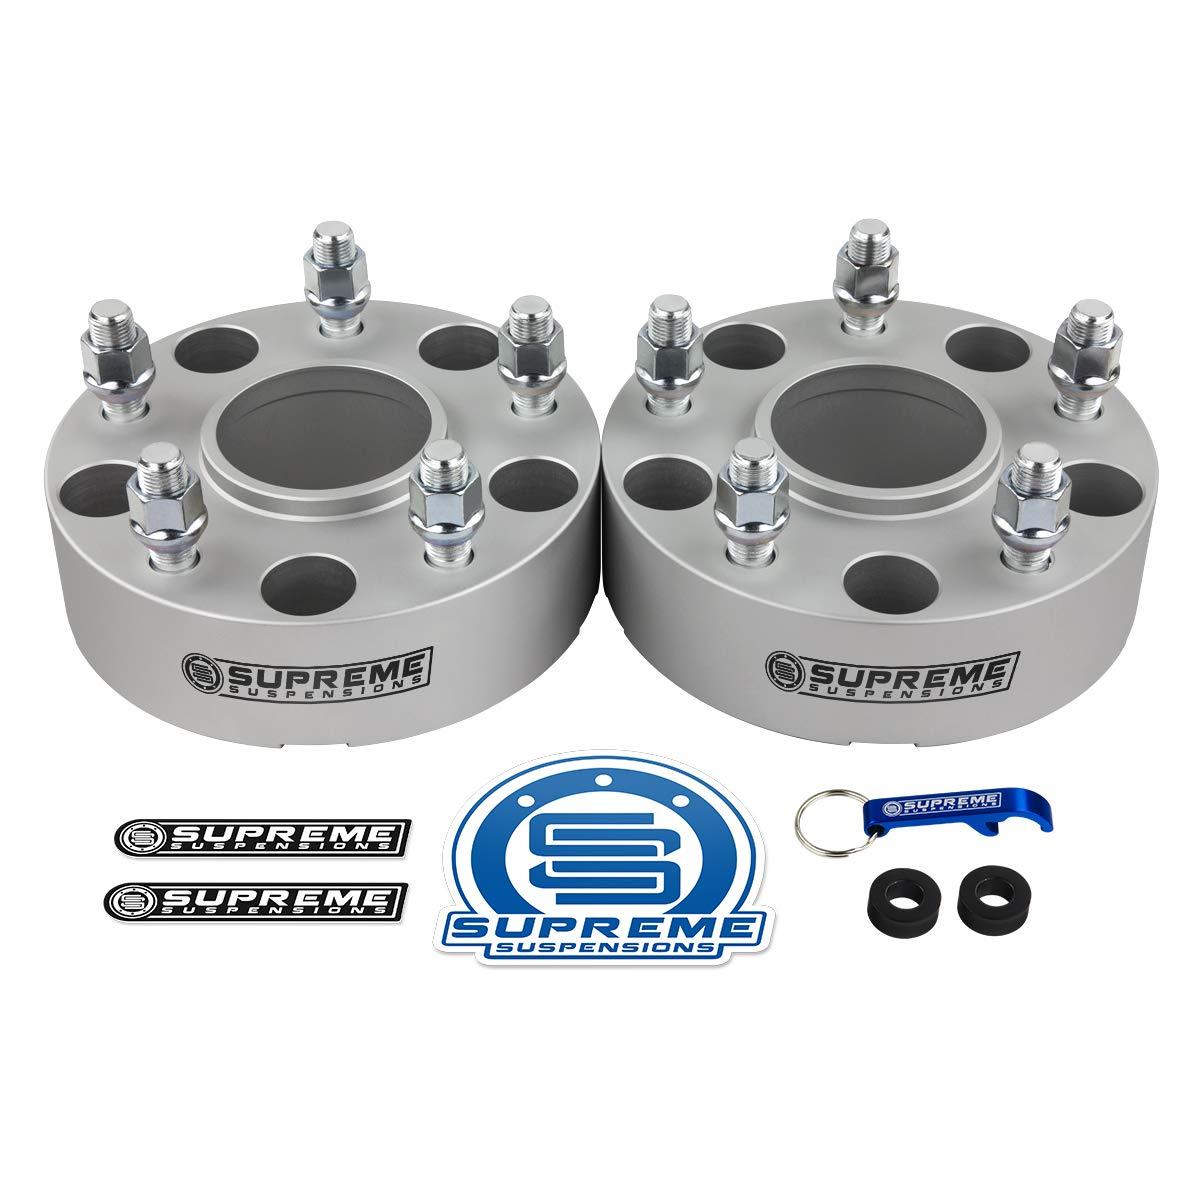 Supreme Suspensions - 2pc 1.5'' Hub Centric Wheel Spacers for 2012-2018 Dodge Ram 1500 2WD 4WD 5x5.5'' (5x139.7mm) BP with M14x1.5 Studs 77.8mm Center Bore w/Lip [Silver] by Supreme Suspensions